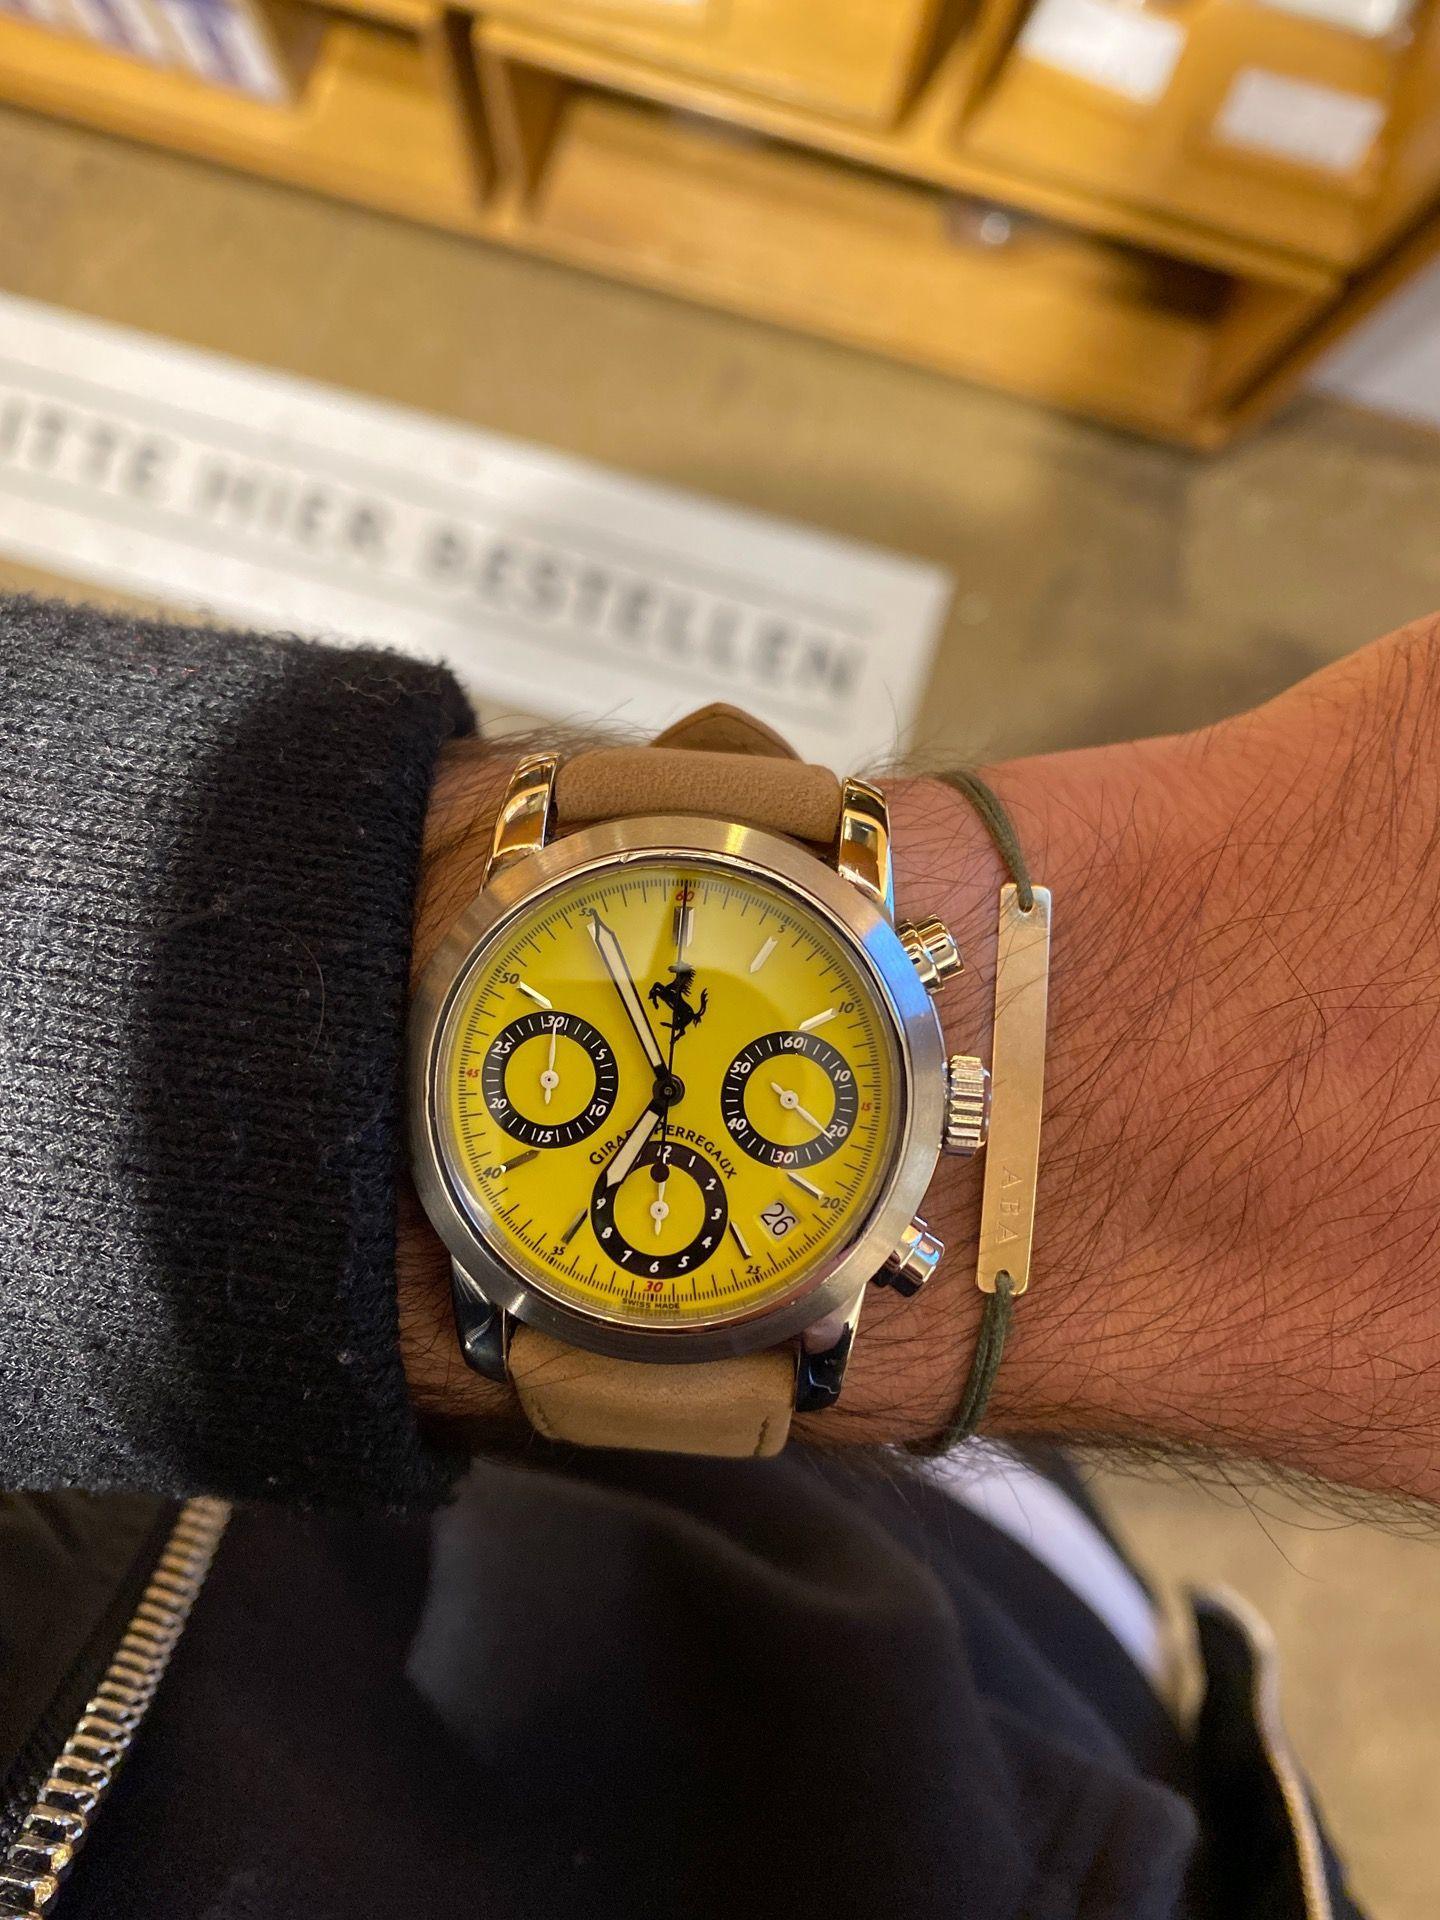 Verkauf Girard Perregeaux Chronograph Ferrari Thewristgang In 2020 Ferrari Uhren Verkauf